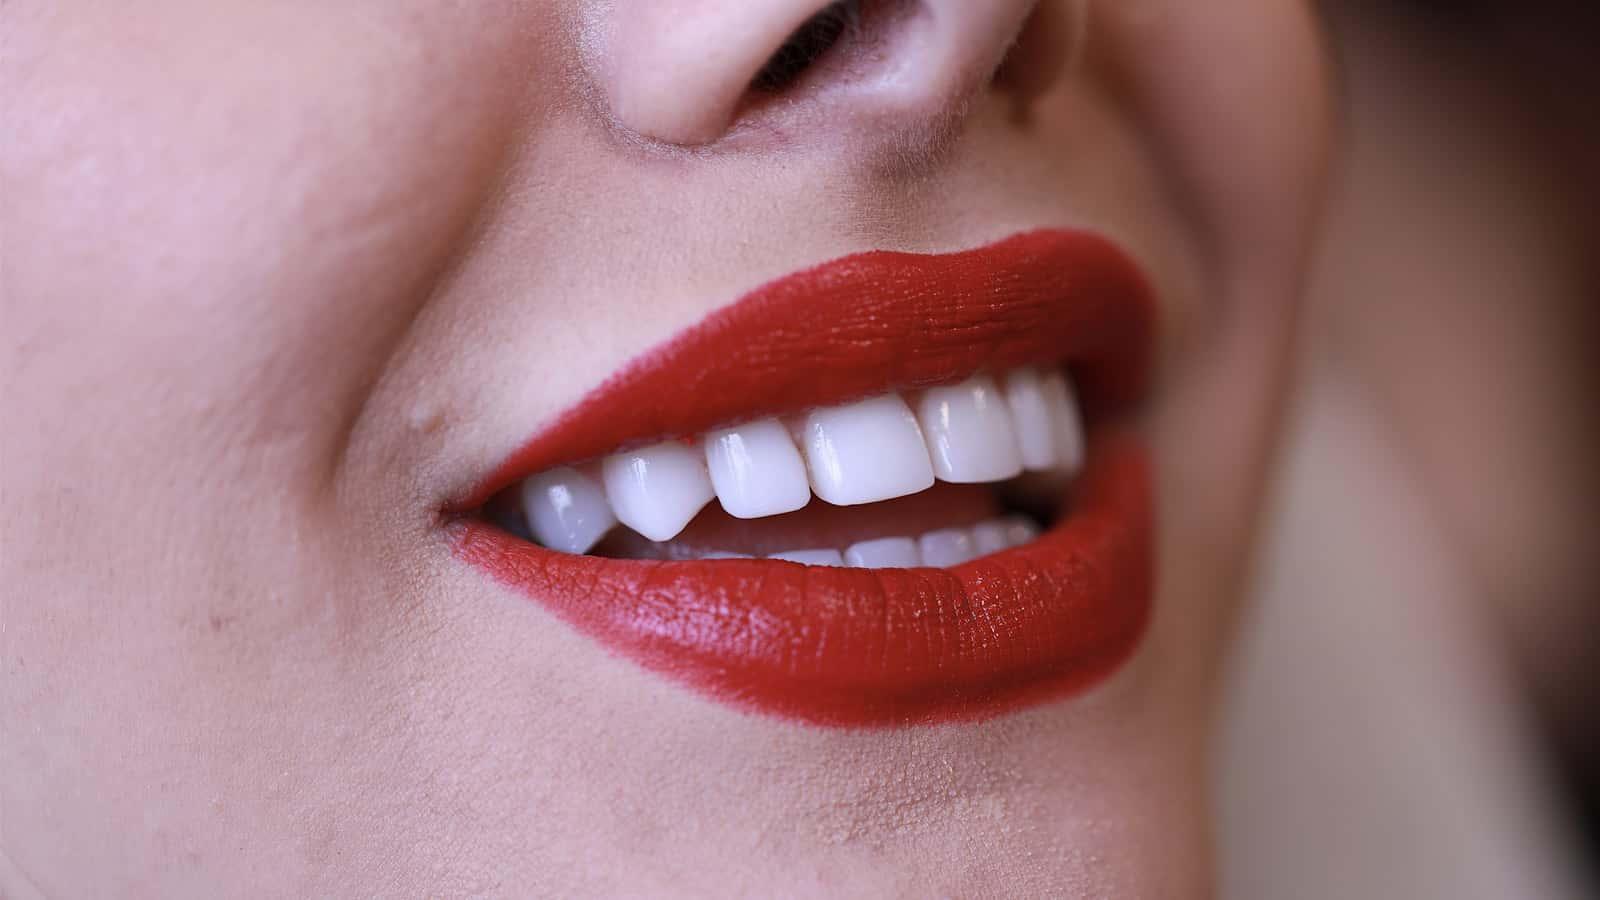 اصلاح بدشکلی و بدرنگی دندانها با روش کامپوزیت ونیر